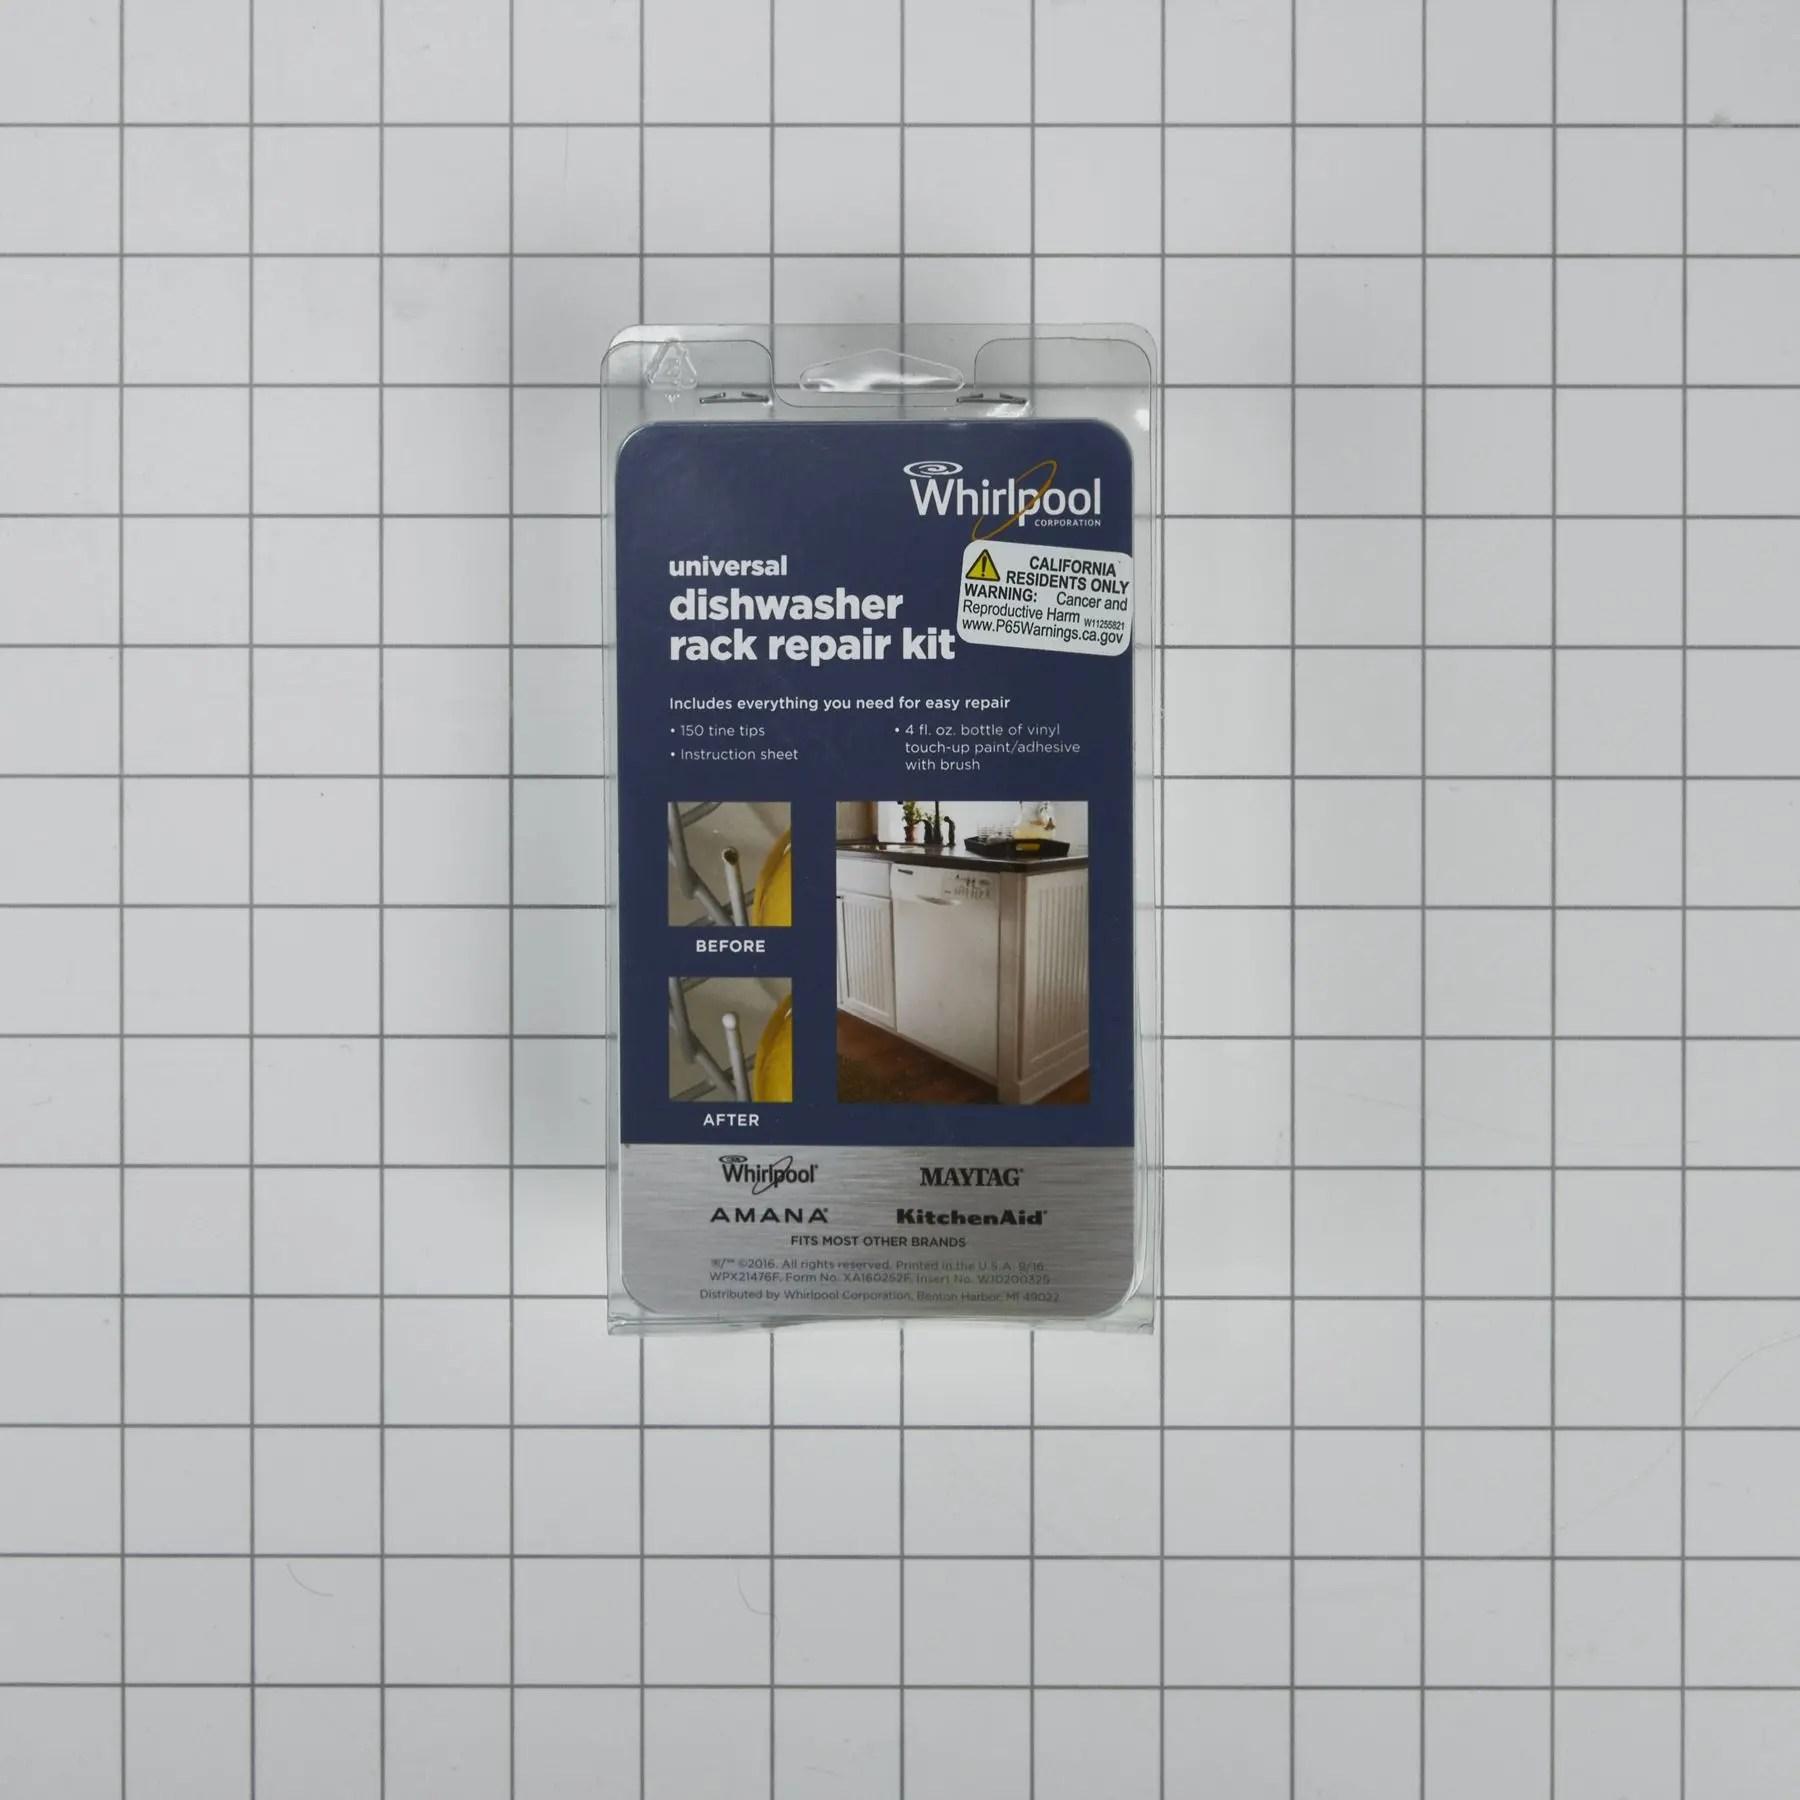 4396840rcamana dishwasher rack repair